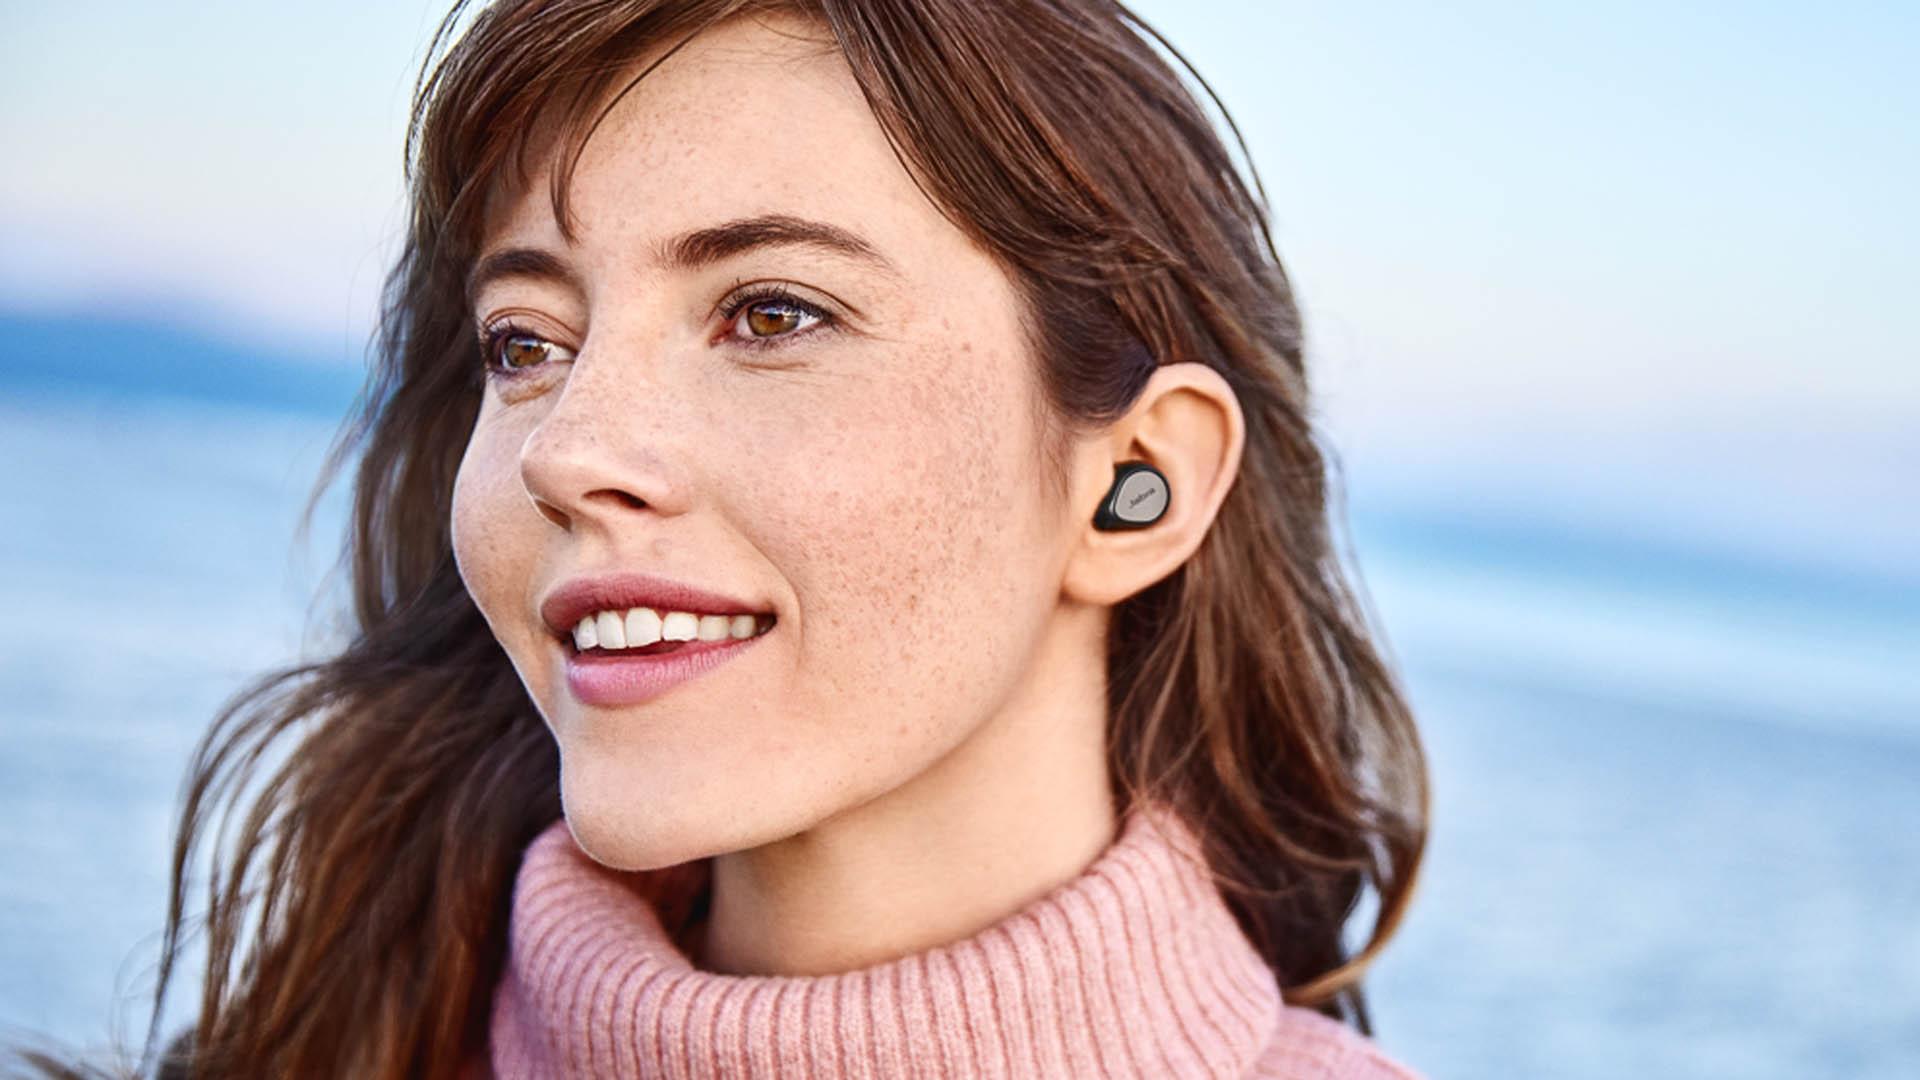 https://techandising.com/nuevos-auriculares-tws-jabra-elite-7-pro-elite-7-active-elite-3-caracteristicas-precio/